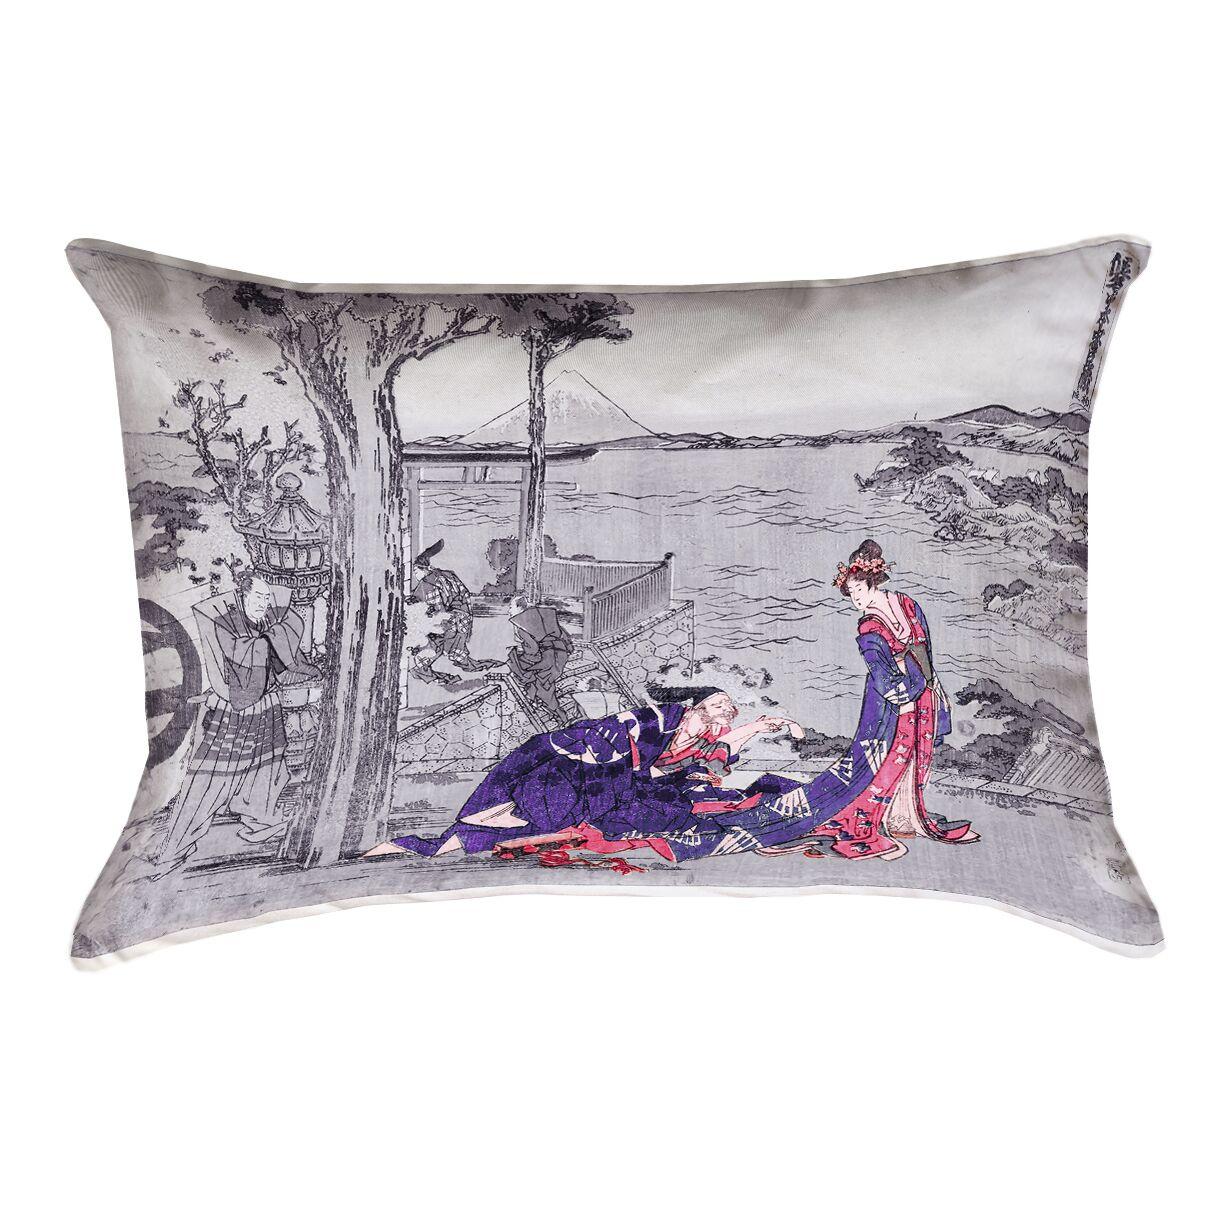 Enya Japanese Courtesan Rectangle Pillow Cover Color: Indigo